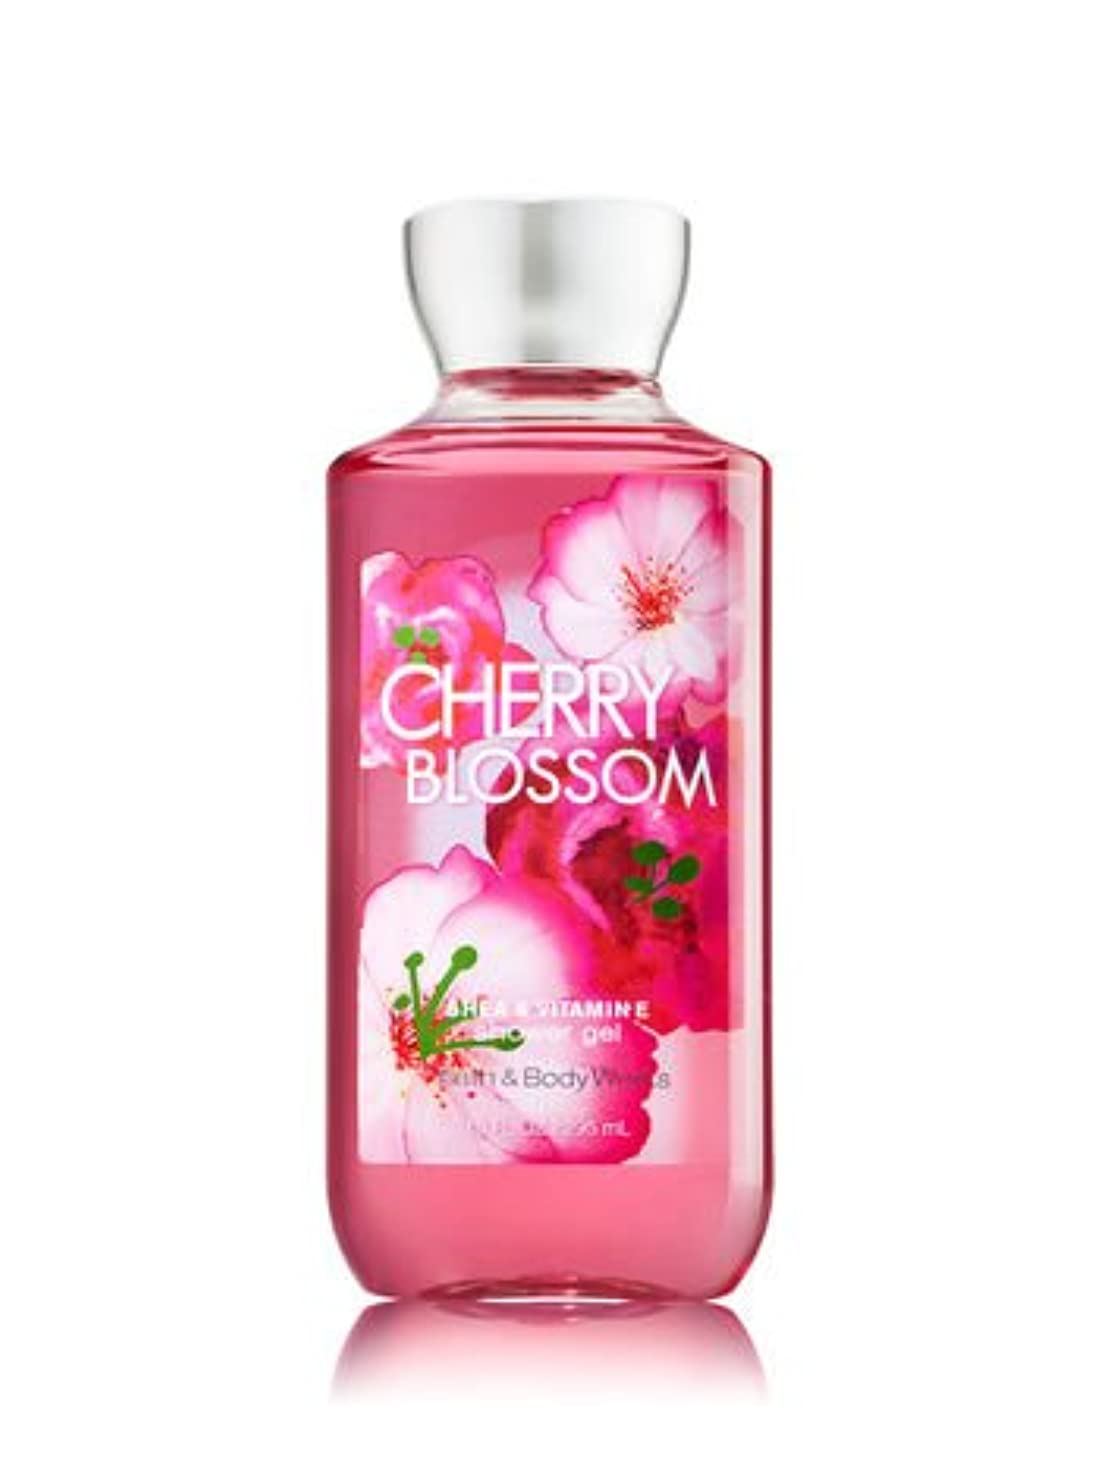 未亡人不和スパイラル【Bath&Body Works/バス&ボディワークス】 シャワージェル チェリーブロッサム Shower Gel Cherry Blossom 10 fl oz / 295 mL [並行輸入品]